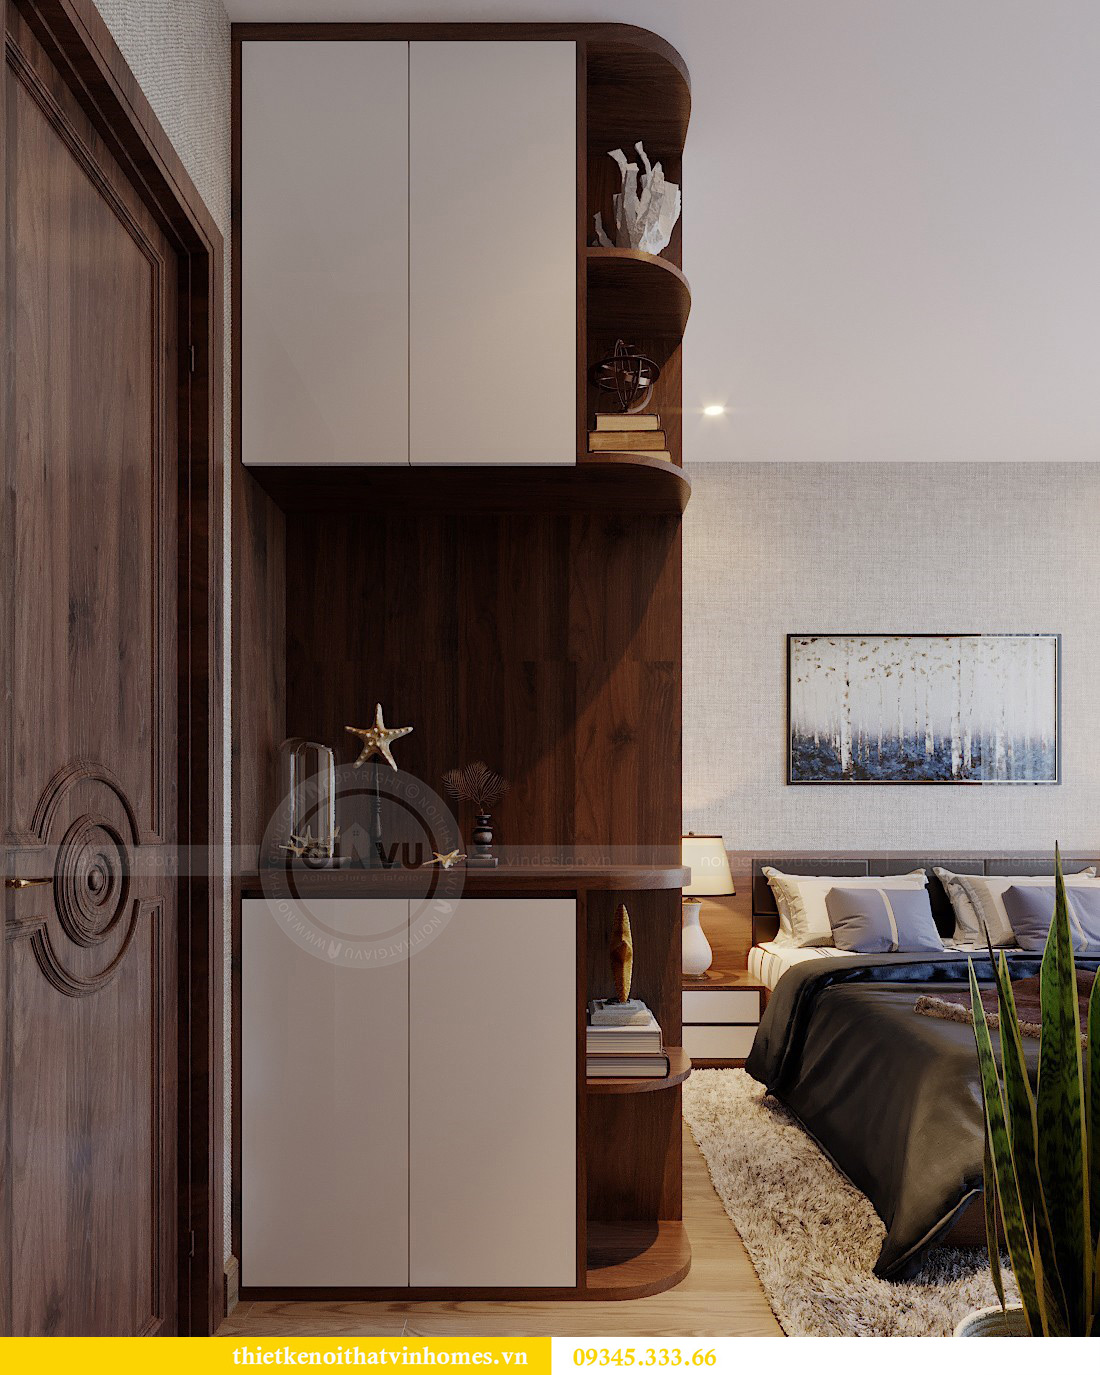 Thiết kế nội thất Vinhomes Metropolis tòa M3 căn 01 - anh Thịnh 9